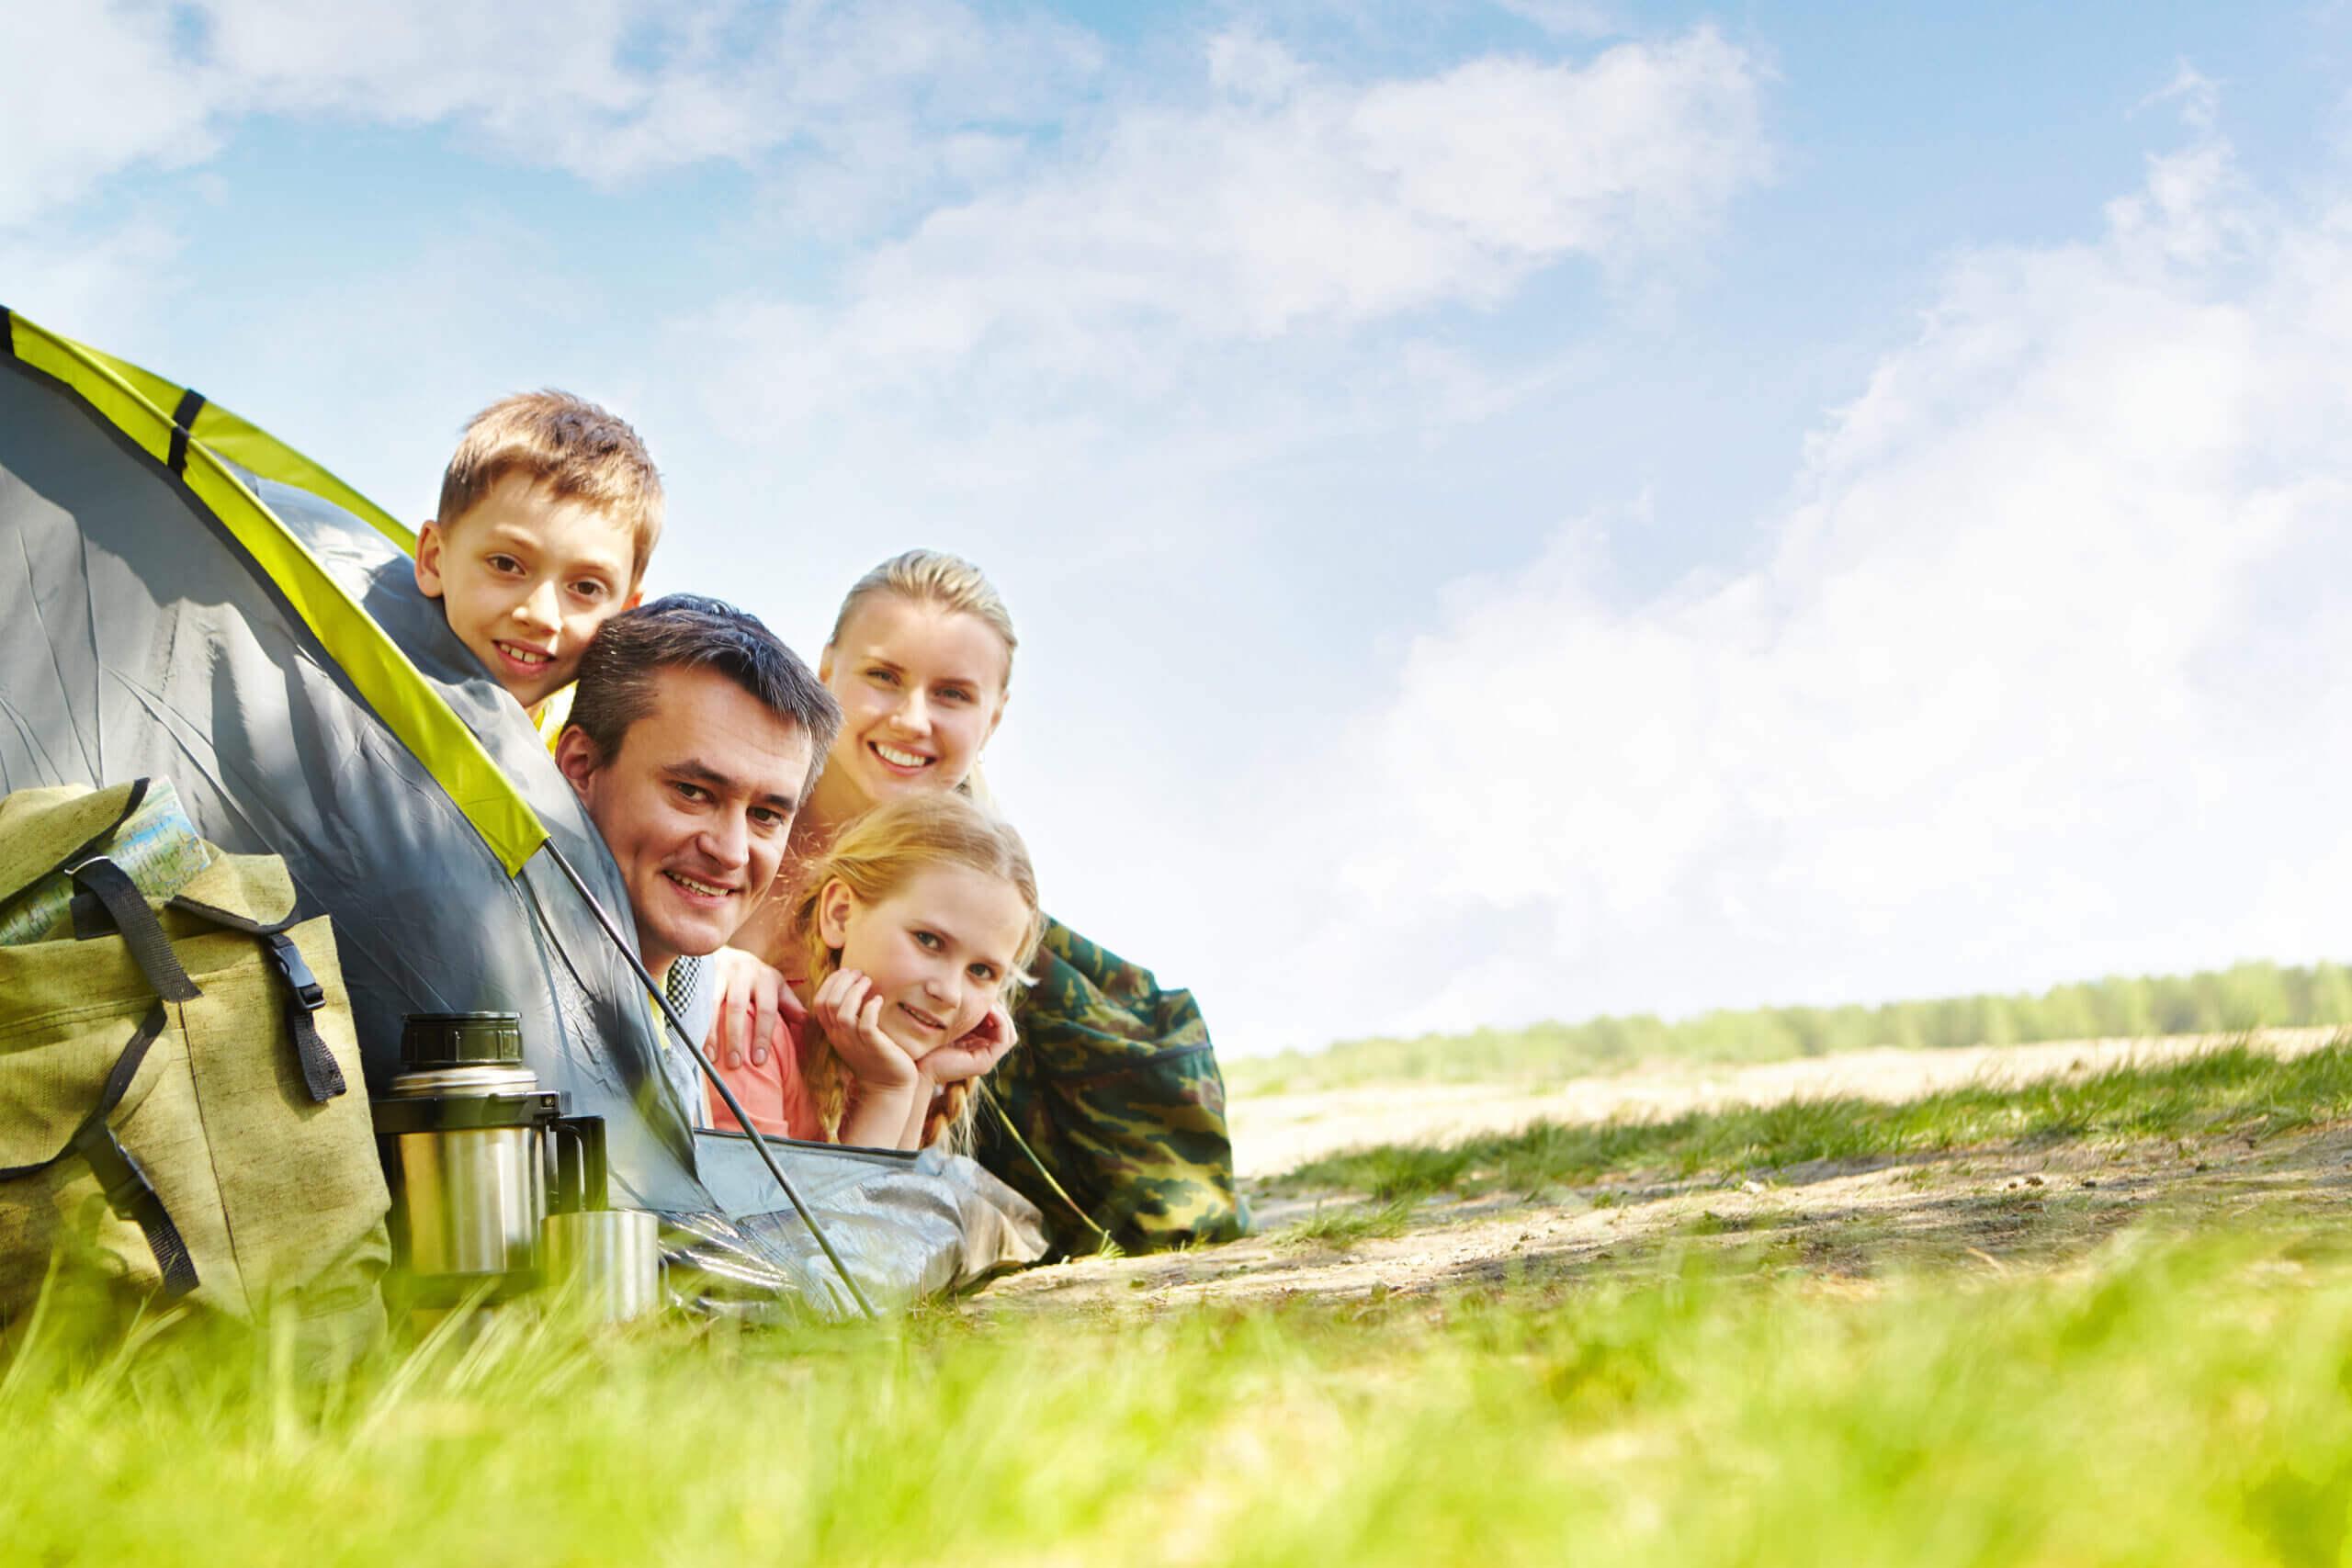 joyful family camping park scaled